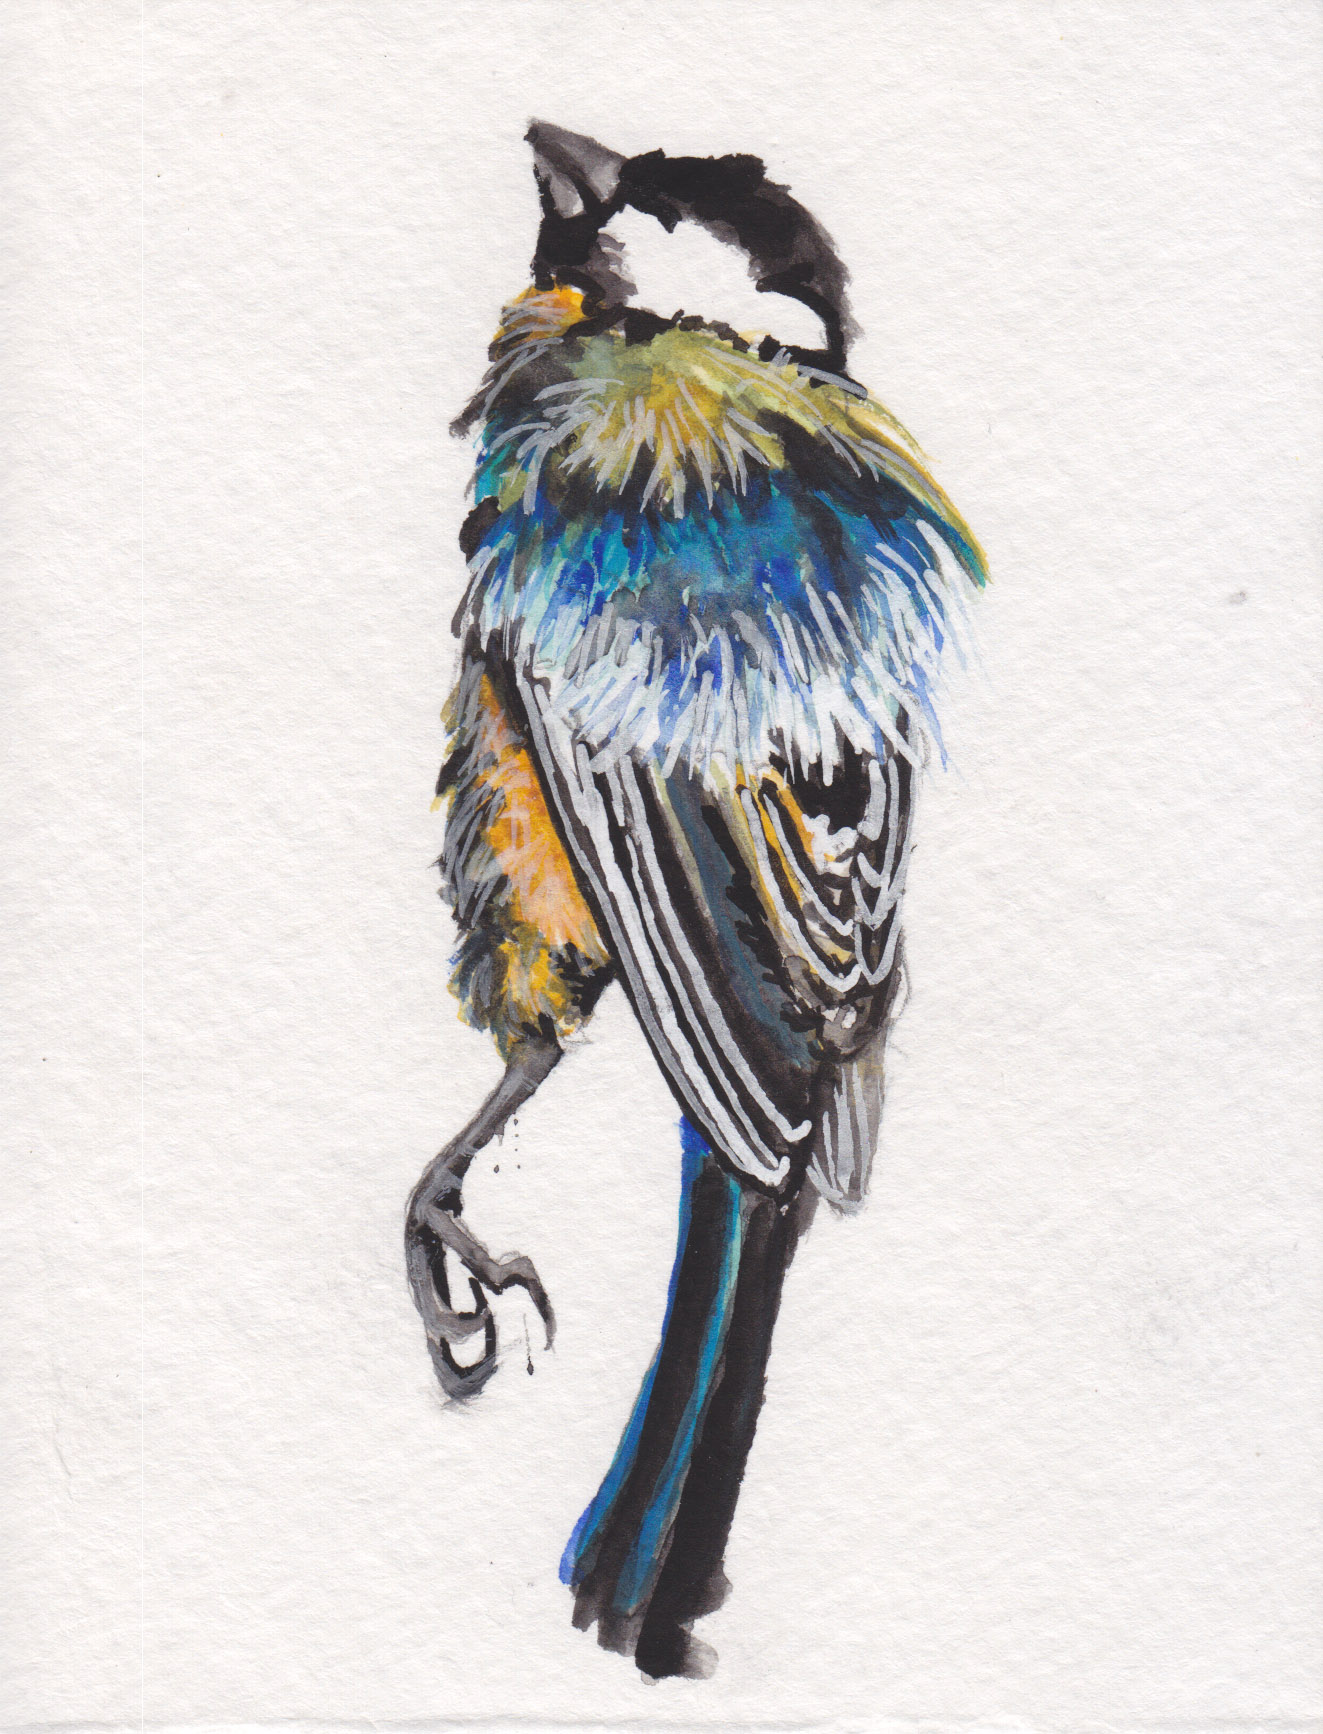 Dunn_wren_watercolor.jpg